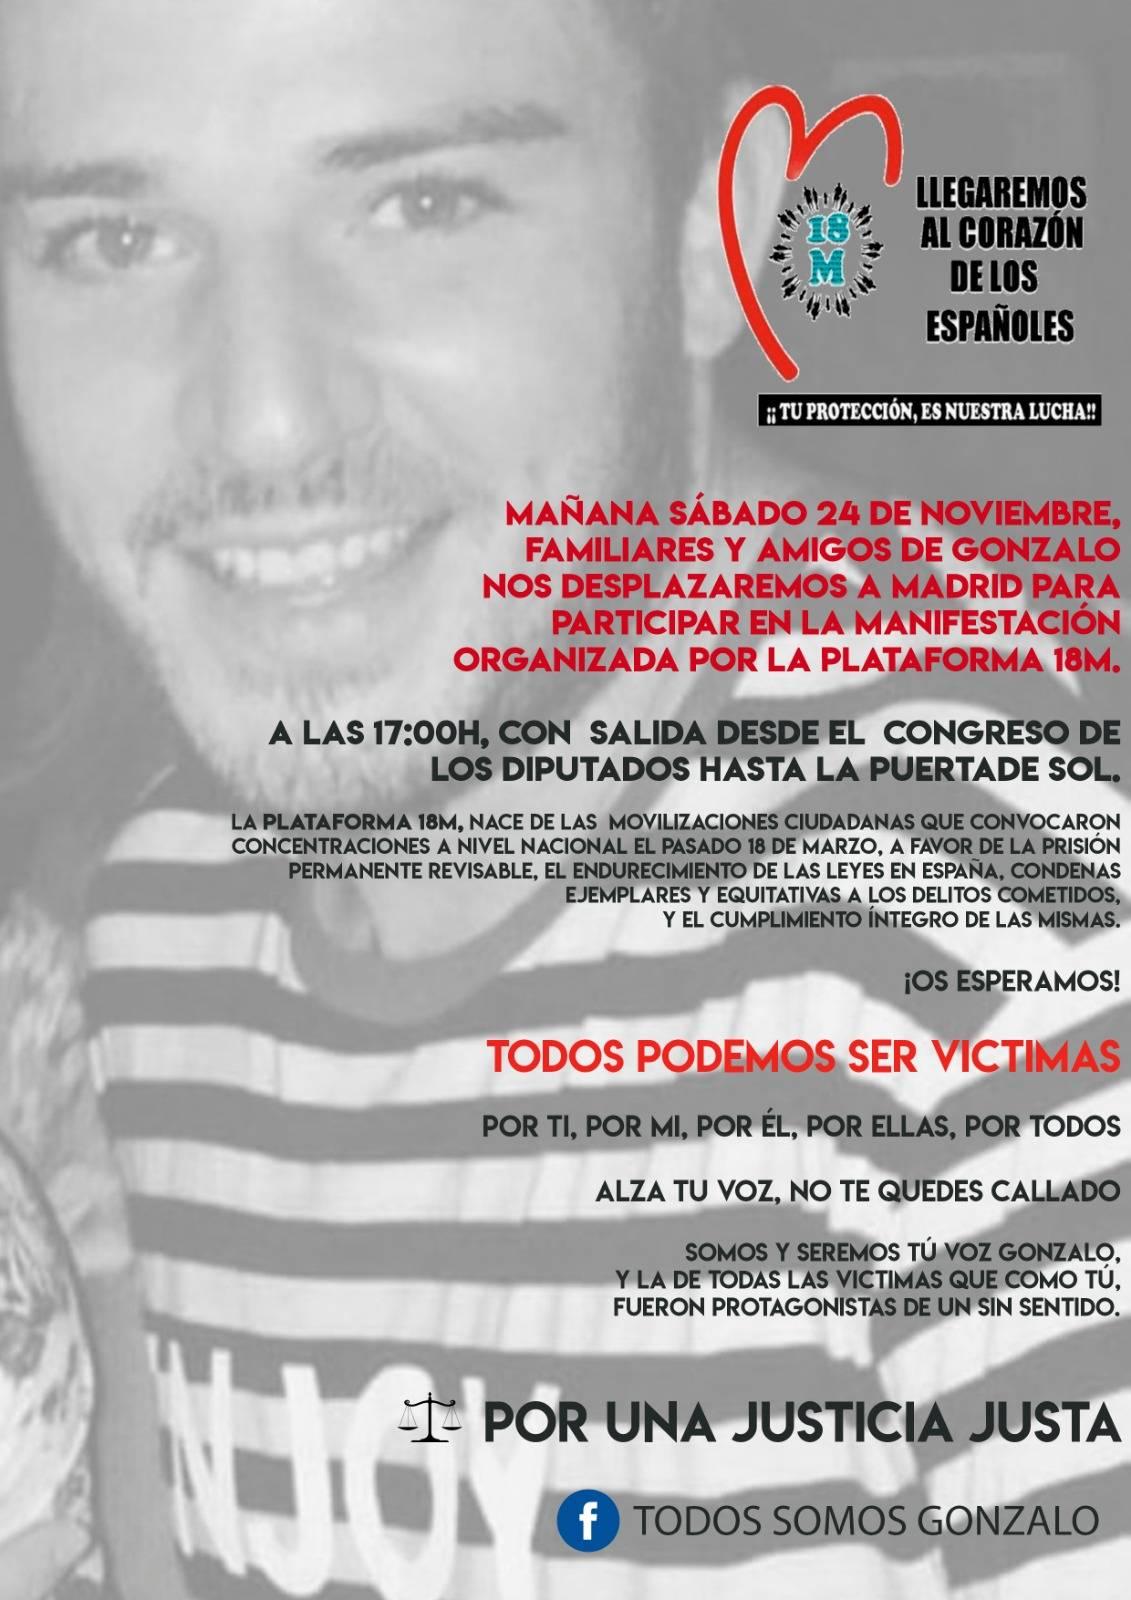 manifestaci%C3%B3n a favor de gonzalo - Los familiares y amigos de Gonzalo Buján participarán en una manifestación en Madrid